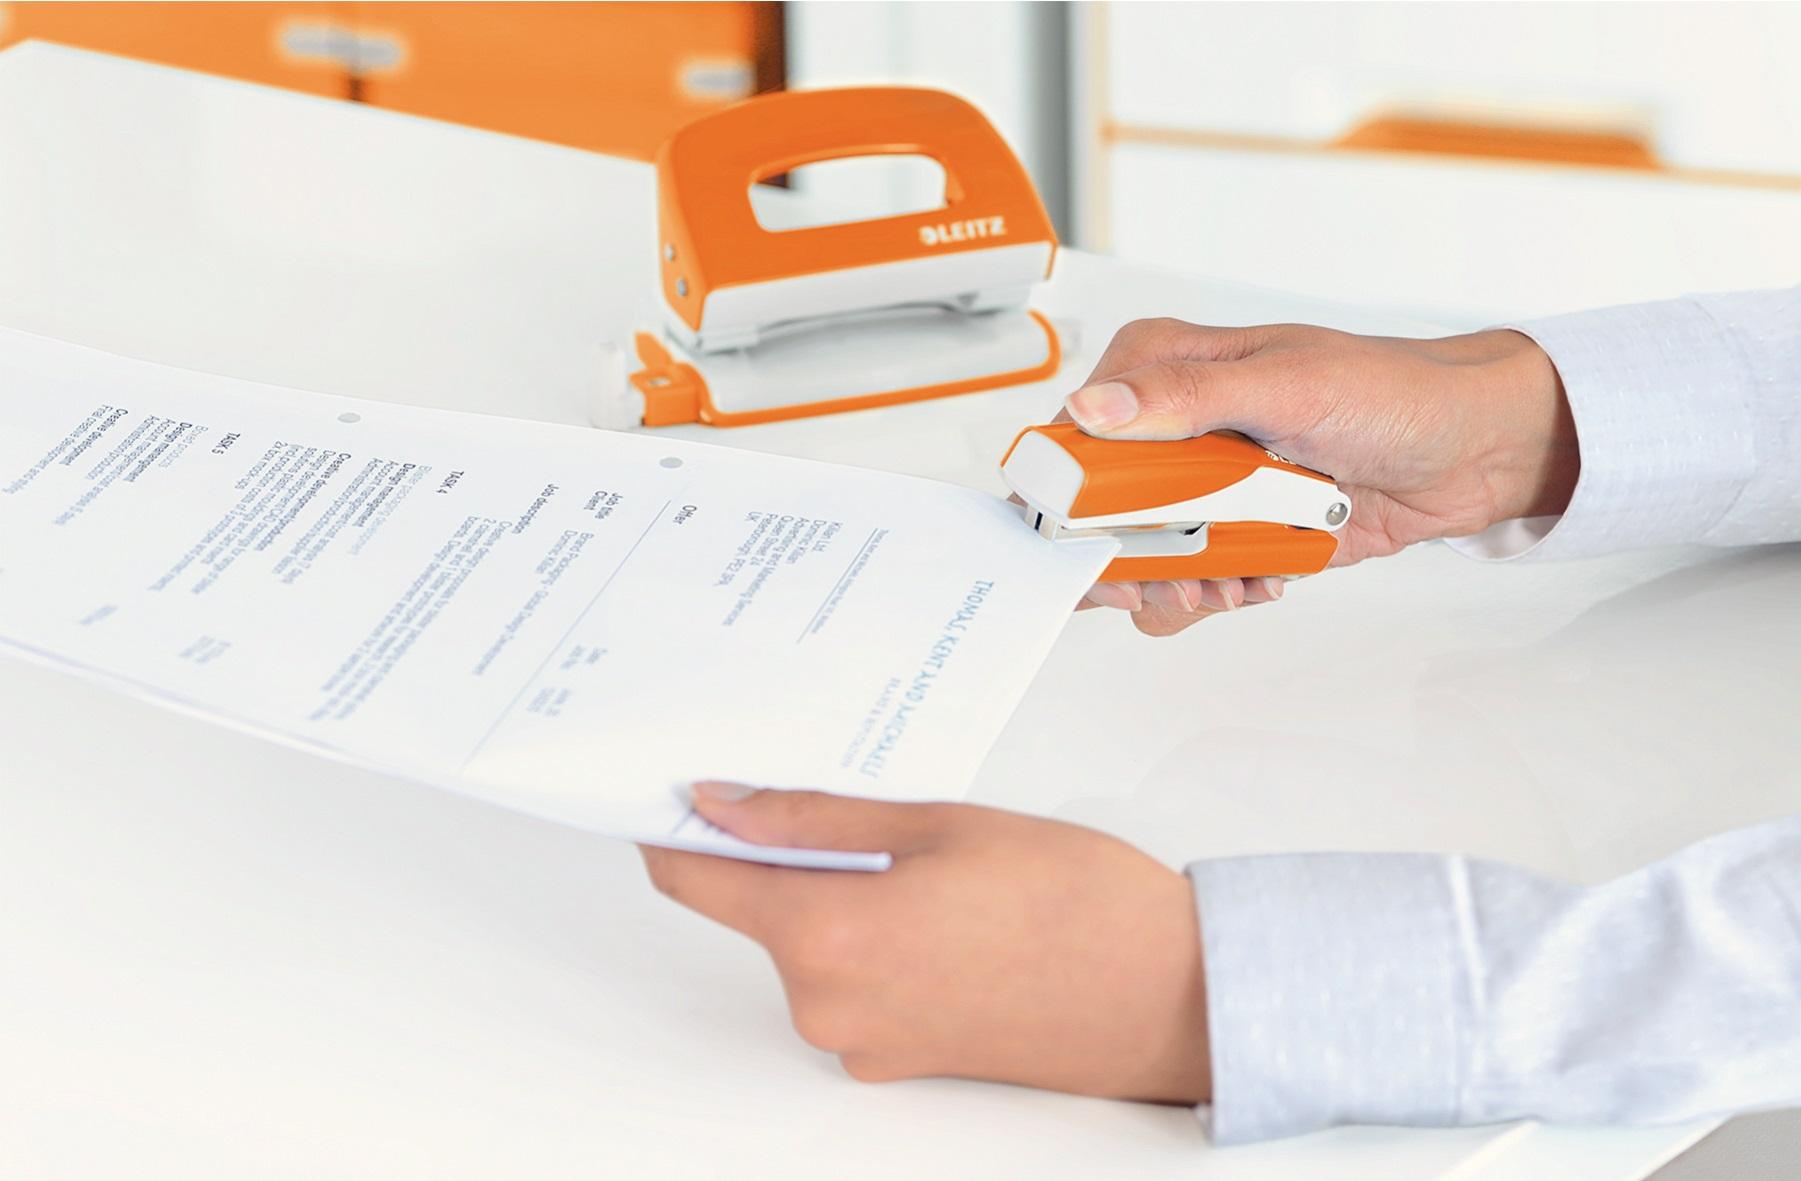 Descriere Capsator metalic de birou, pentru maxim 10 coli, capse 10/5, portocaliu metalizat, LEITZ WOW 5528 NeXXt Series